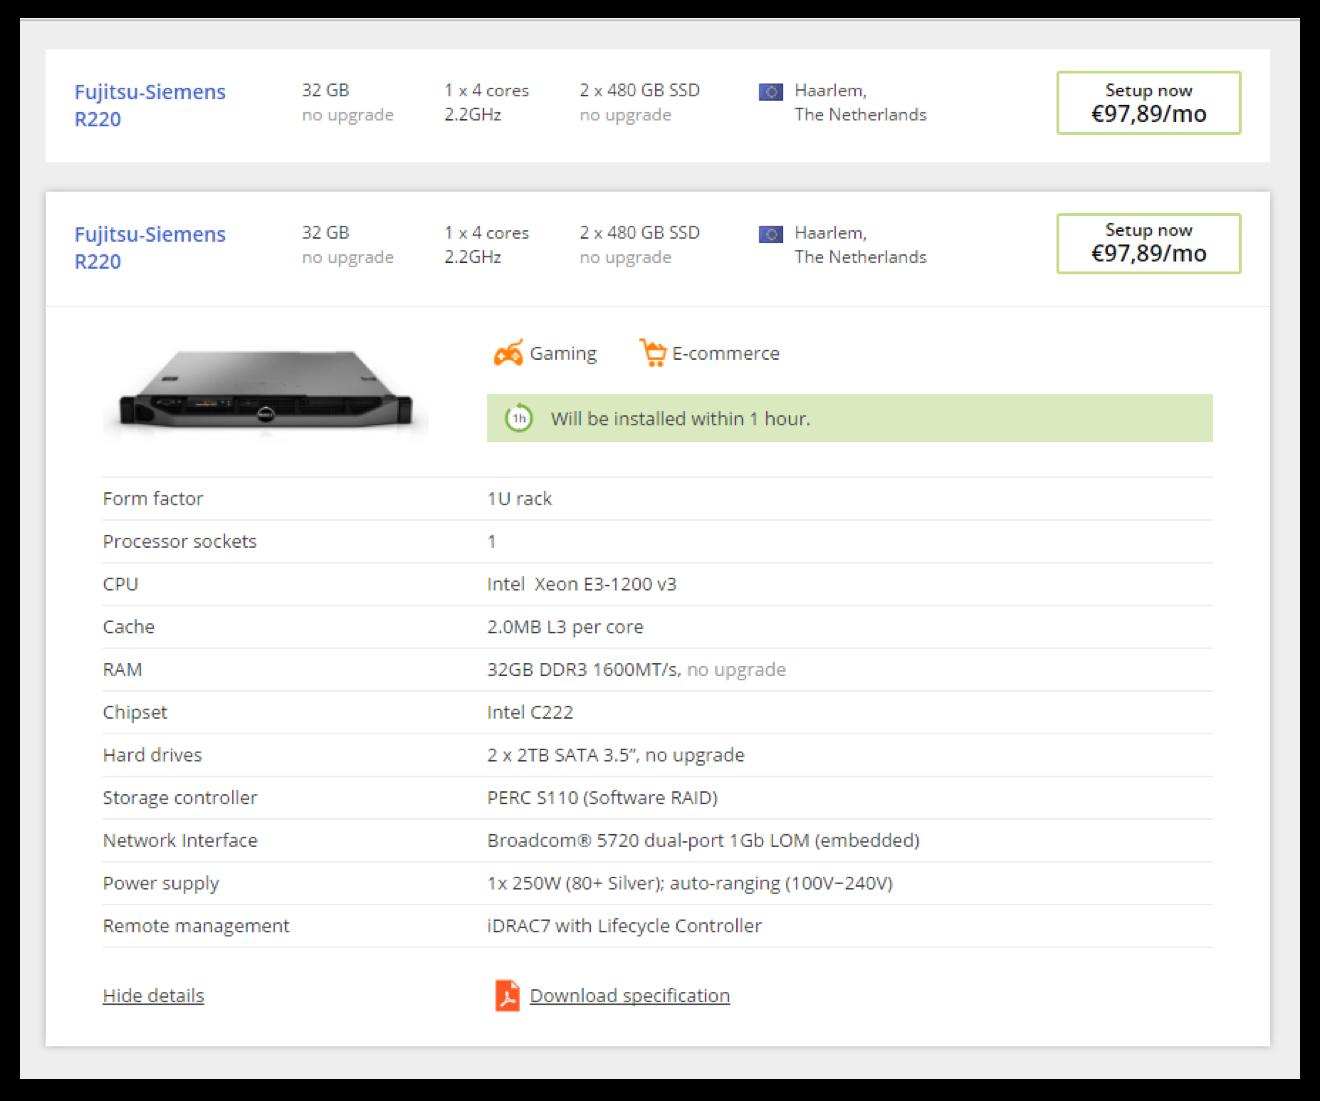 Подробная техническая информация о подобранных конфигурациях | sobakapav.ru